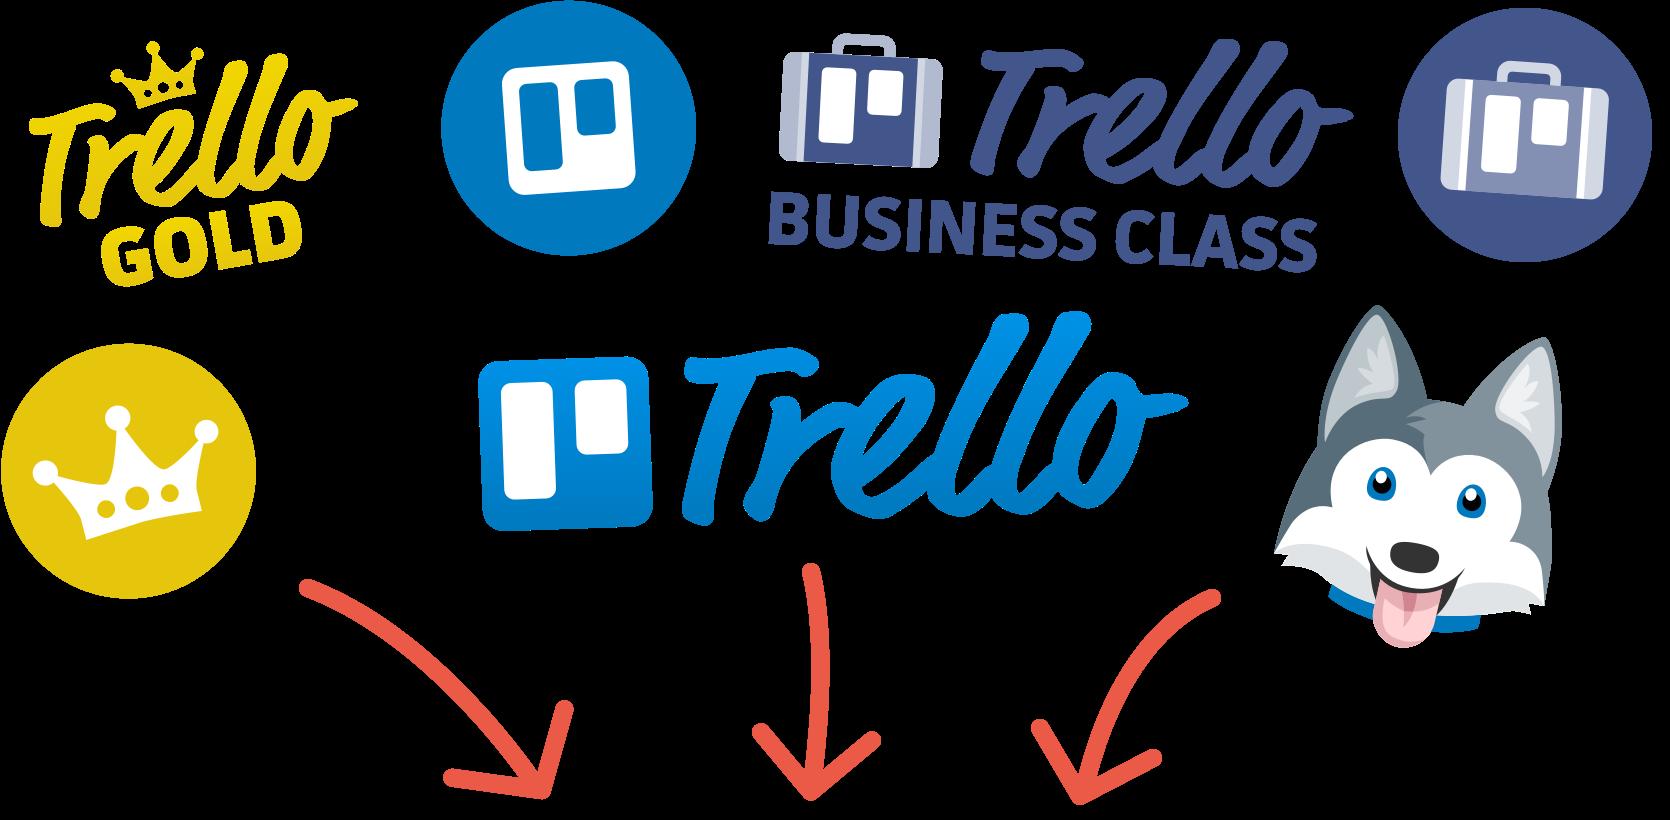 Trello - Excelente ferramenta para organização de trabalhos, principalmente em equipes com divisão de tarefas. Sua flexibilidade permite criar uma organização muito personalizada.